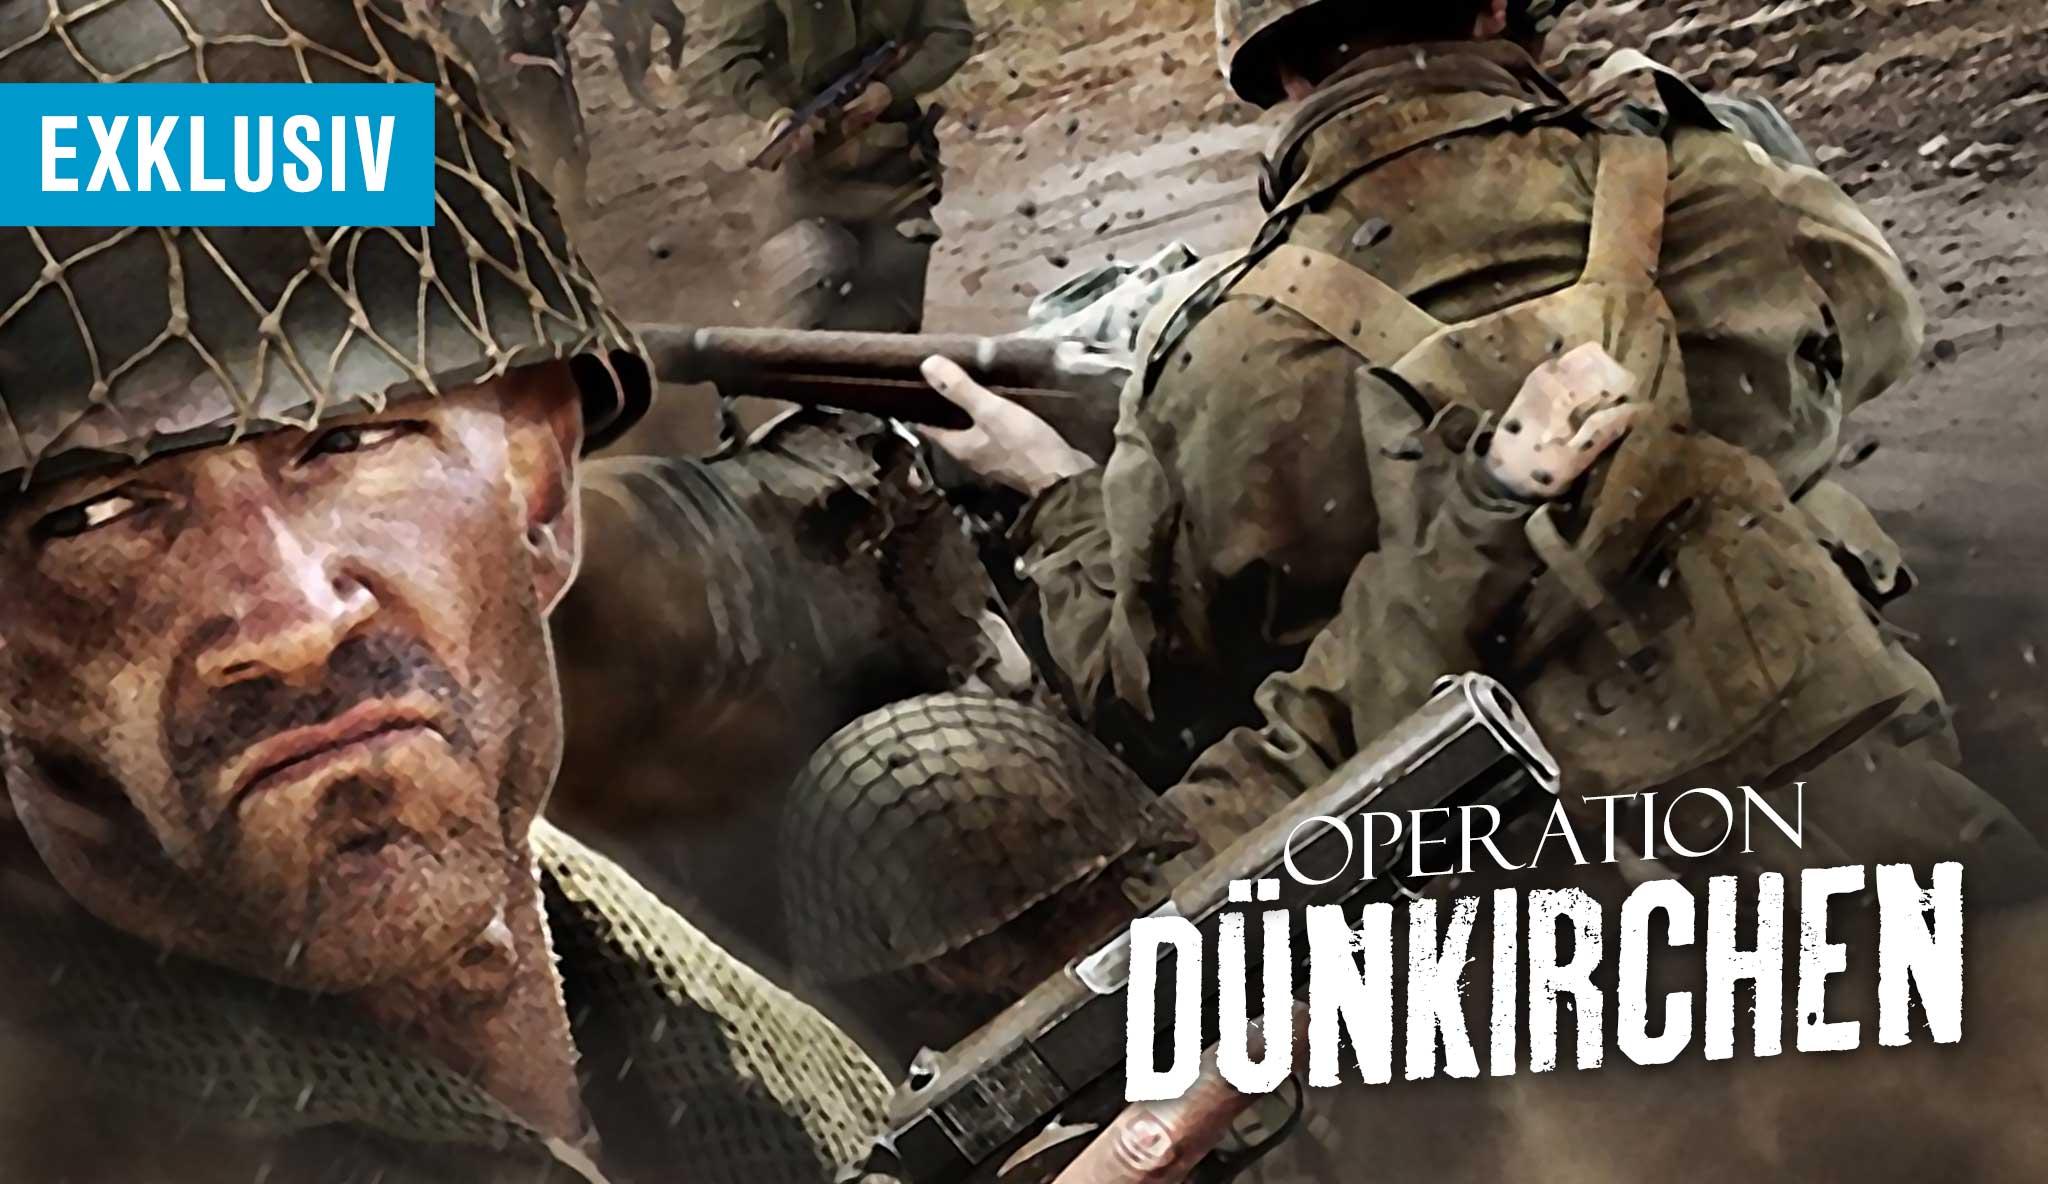 operation-dunkirchen\header.jpg